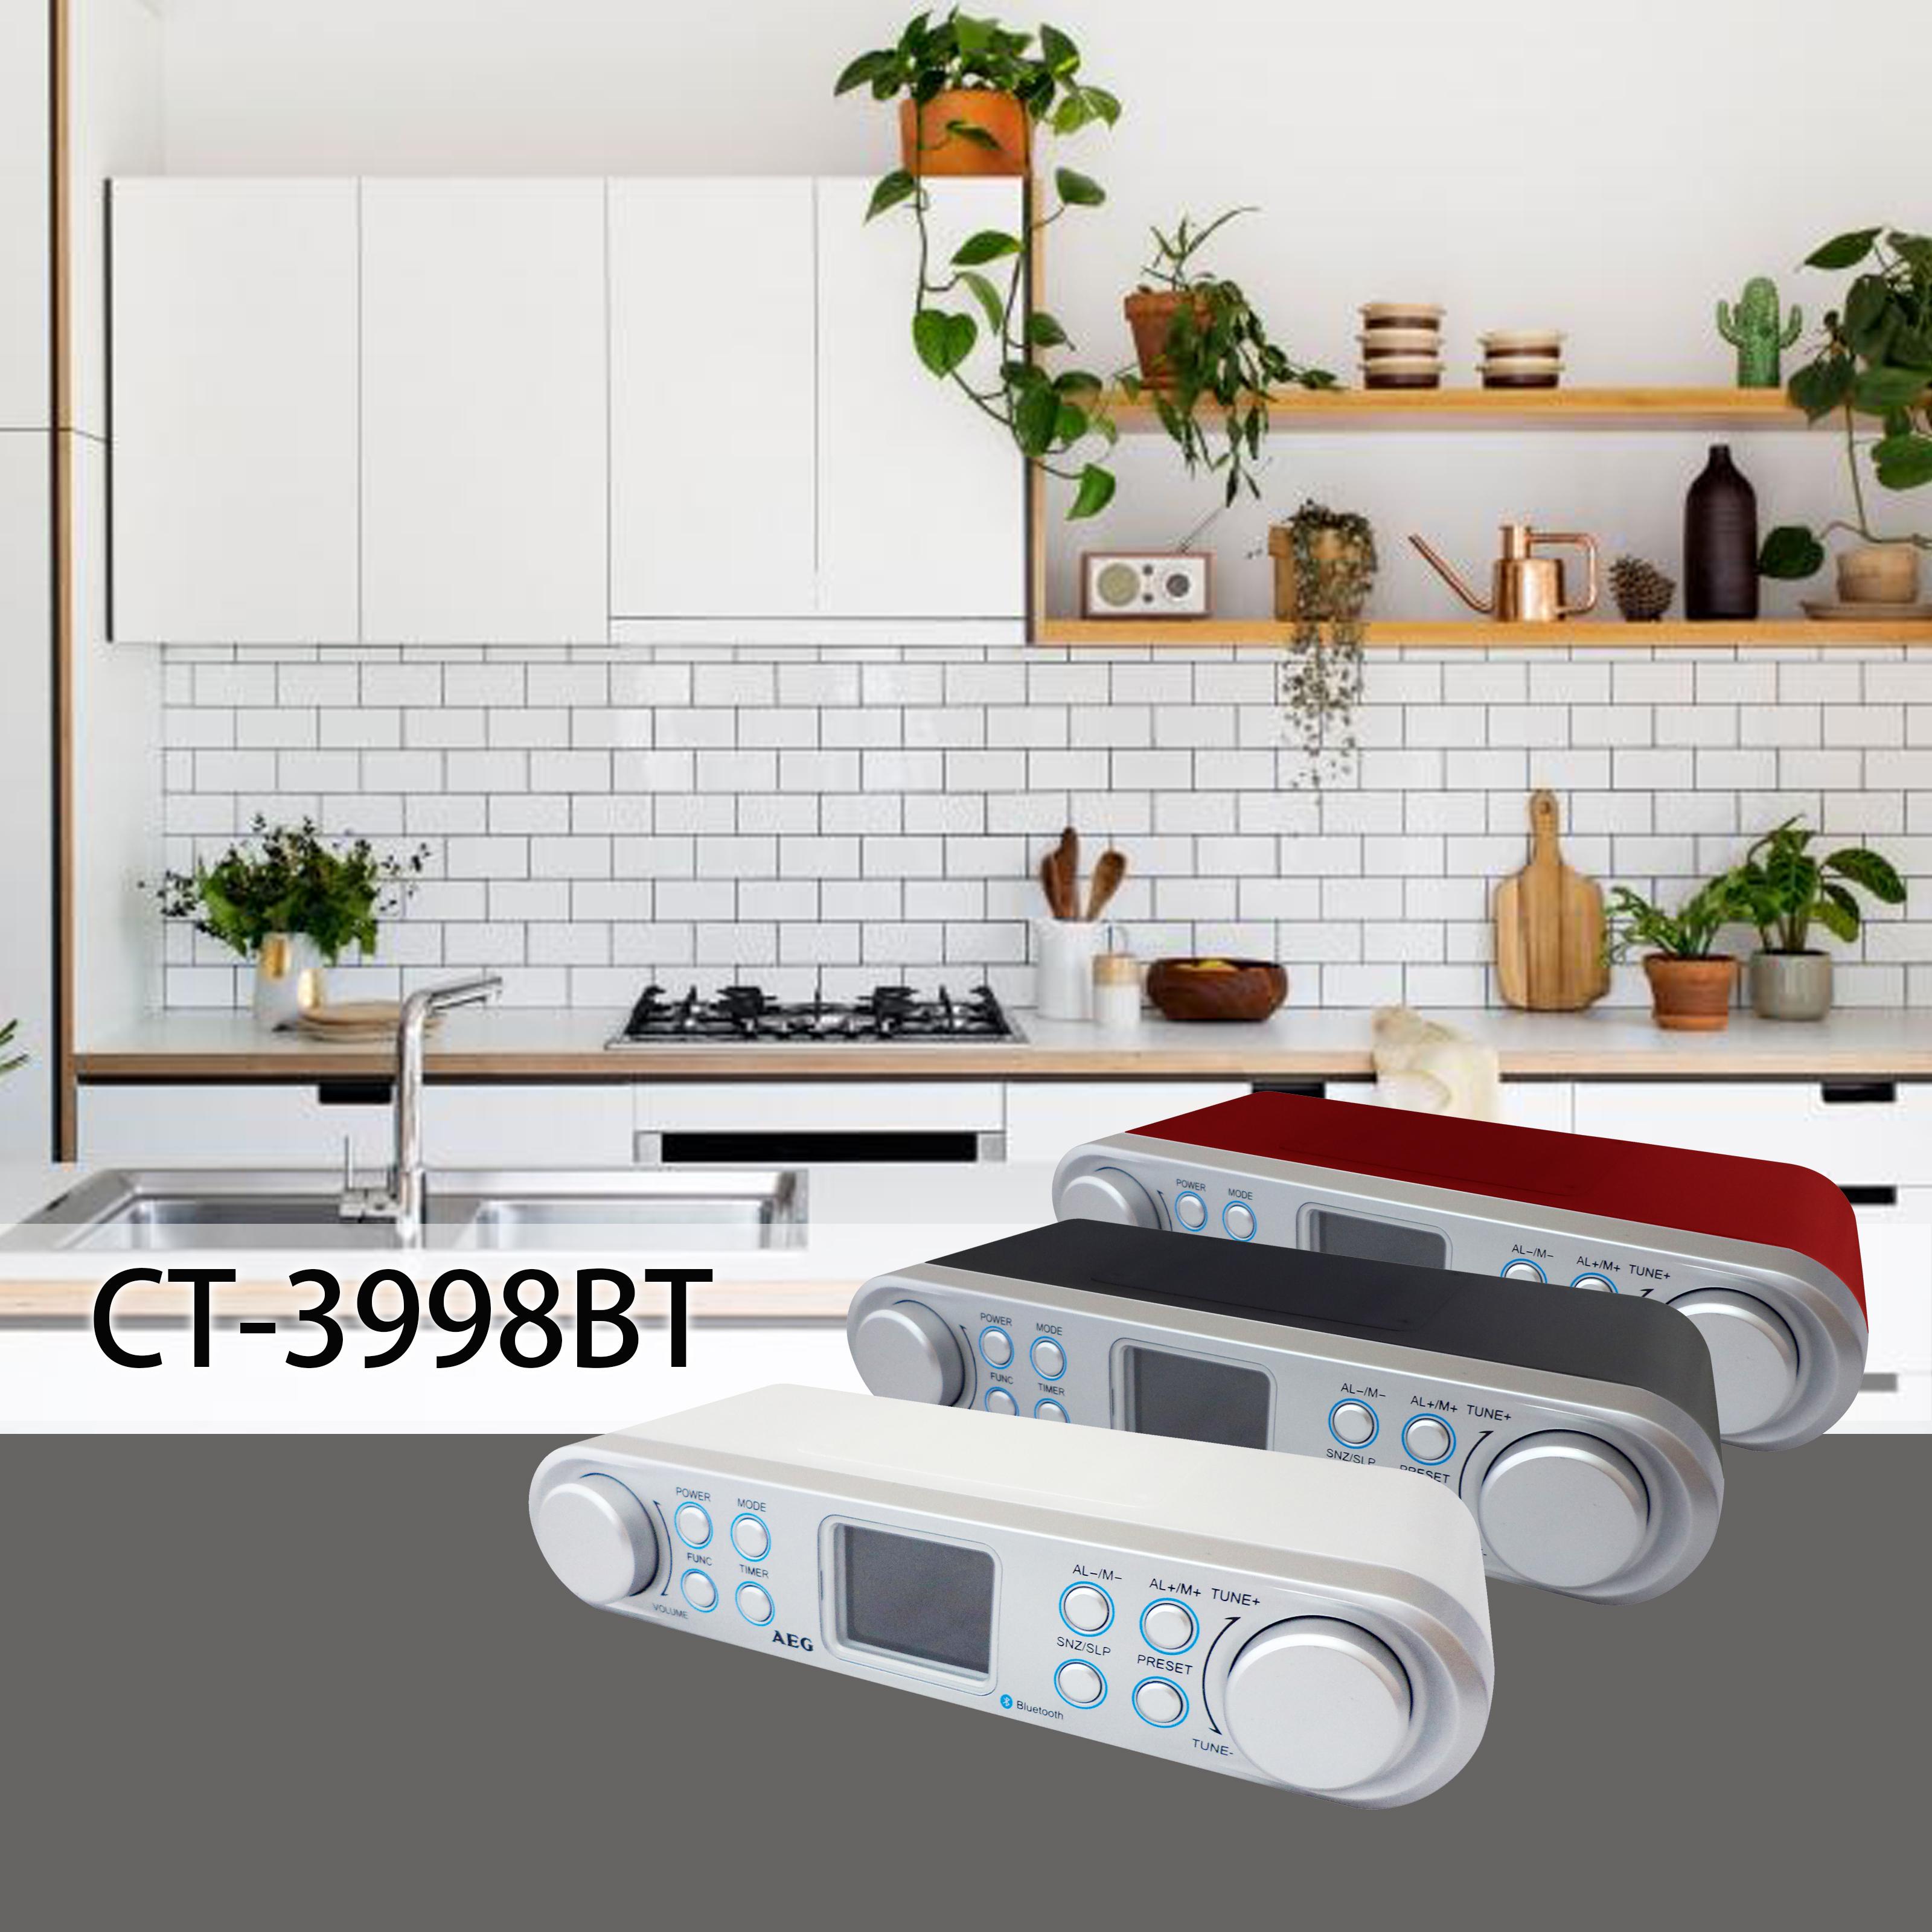 CT-3998BT KitchenA .jpg